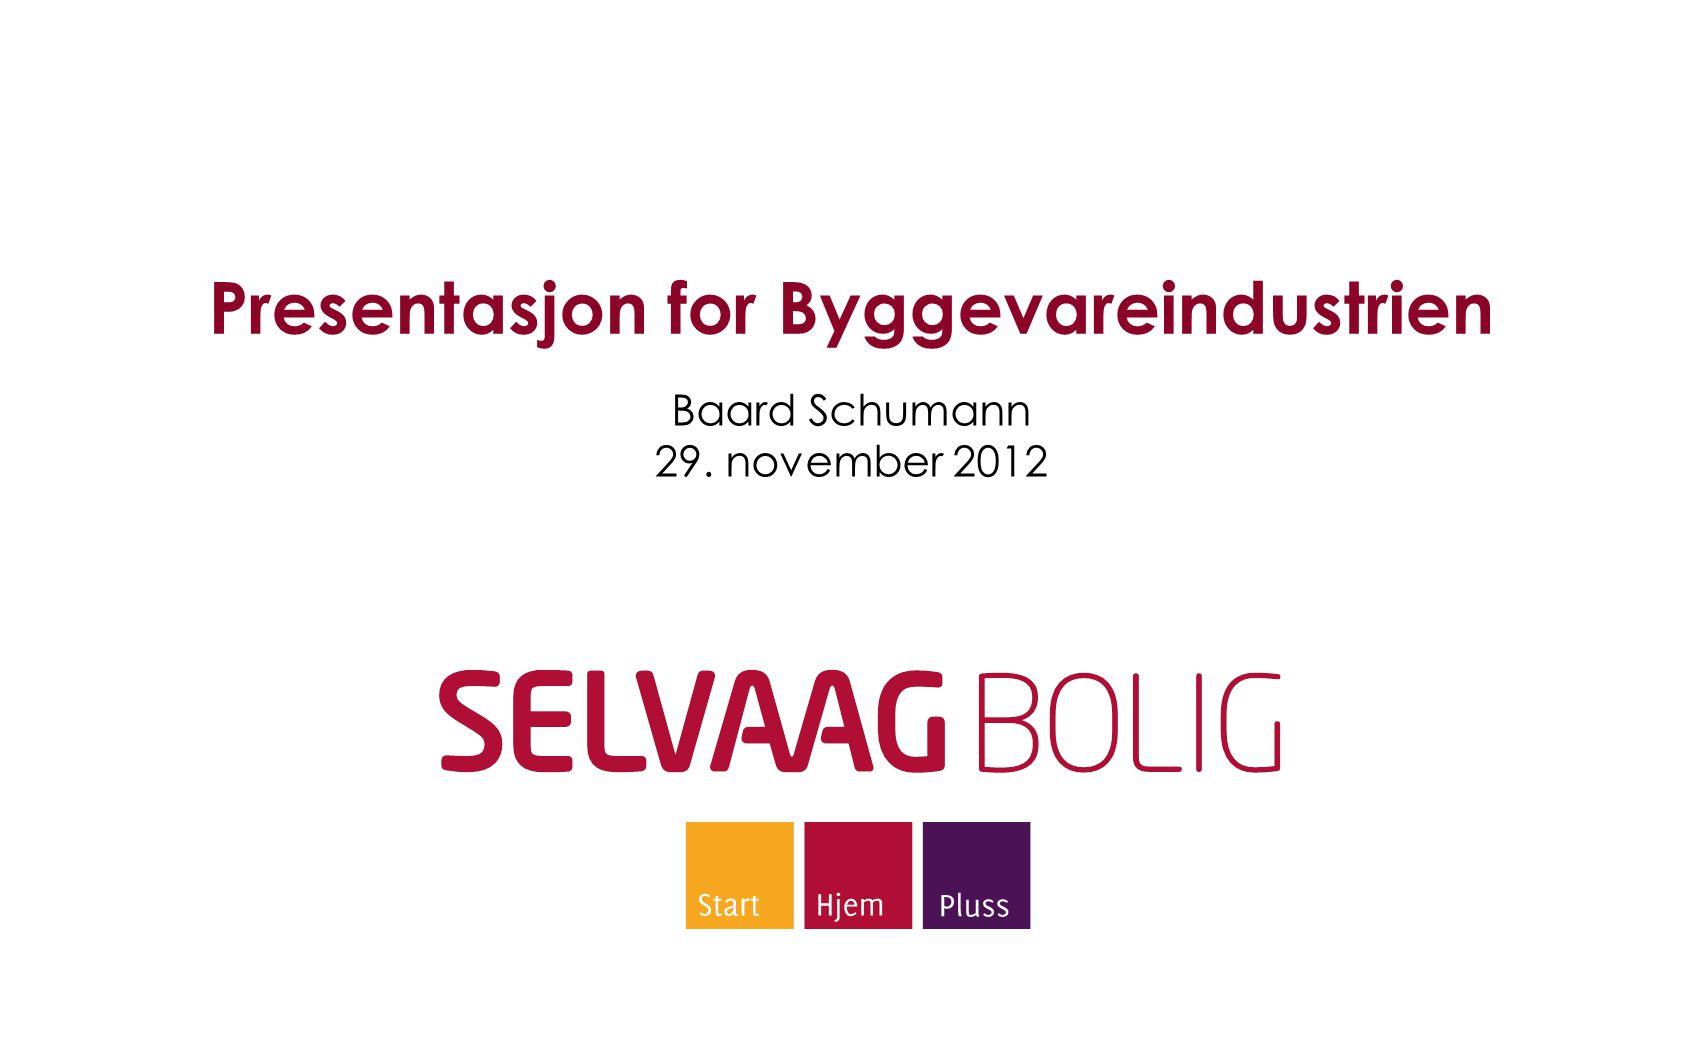 Presentasjon for Byggevareindustrien Baard Schumann 29. november 2012